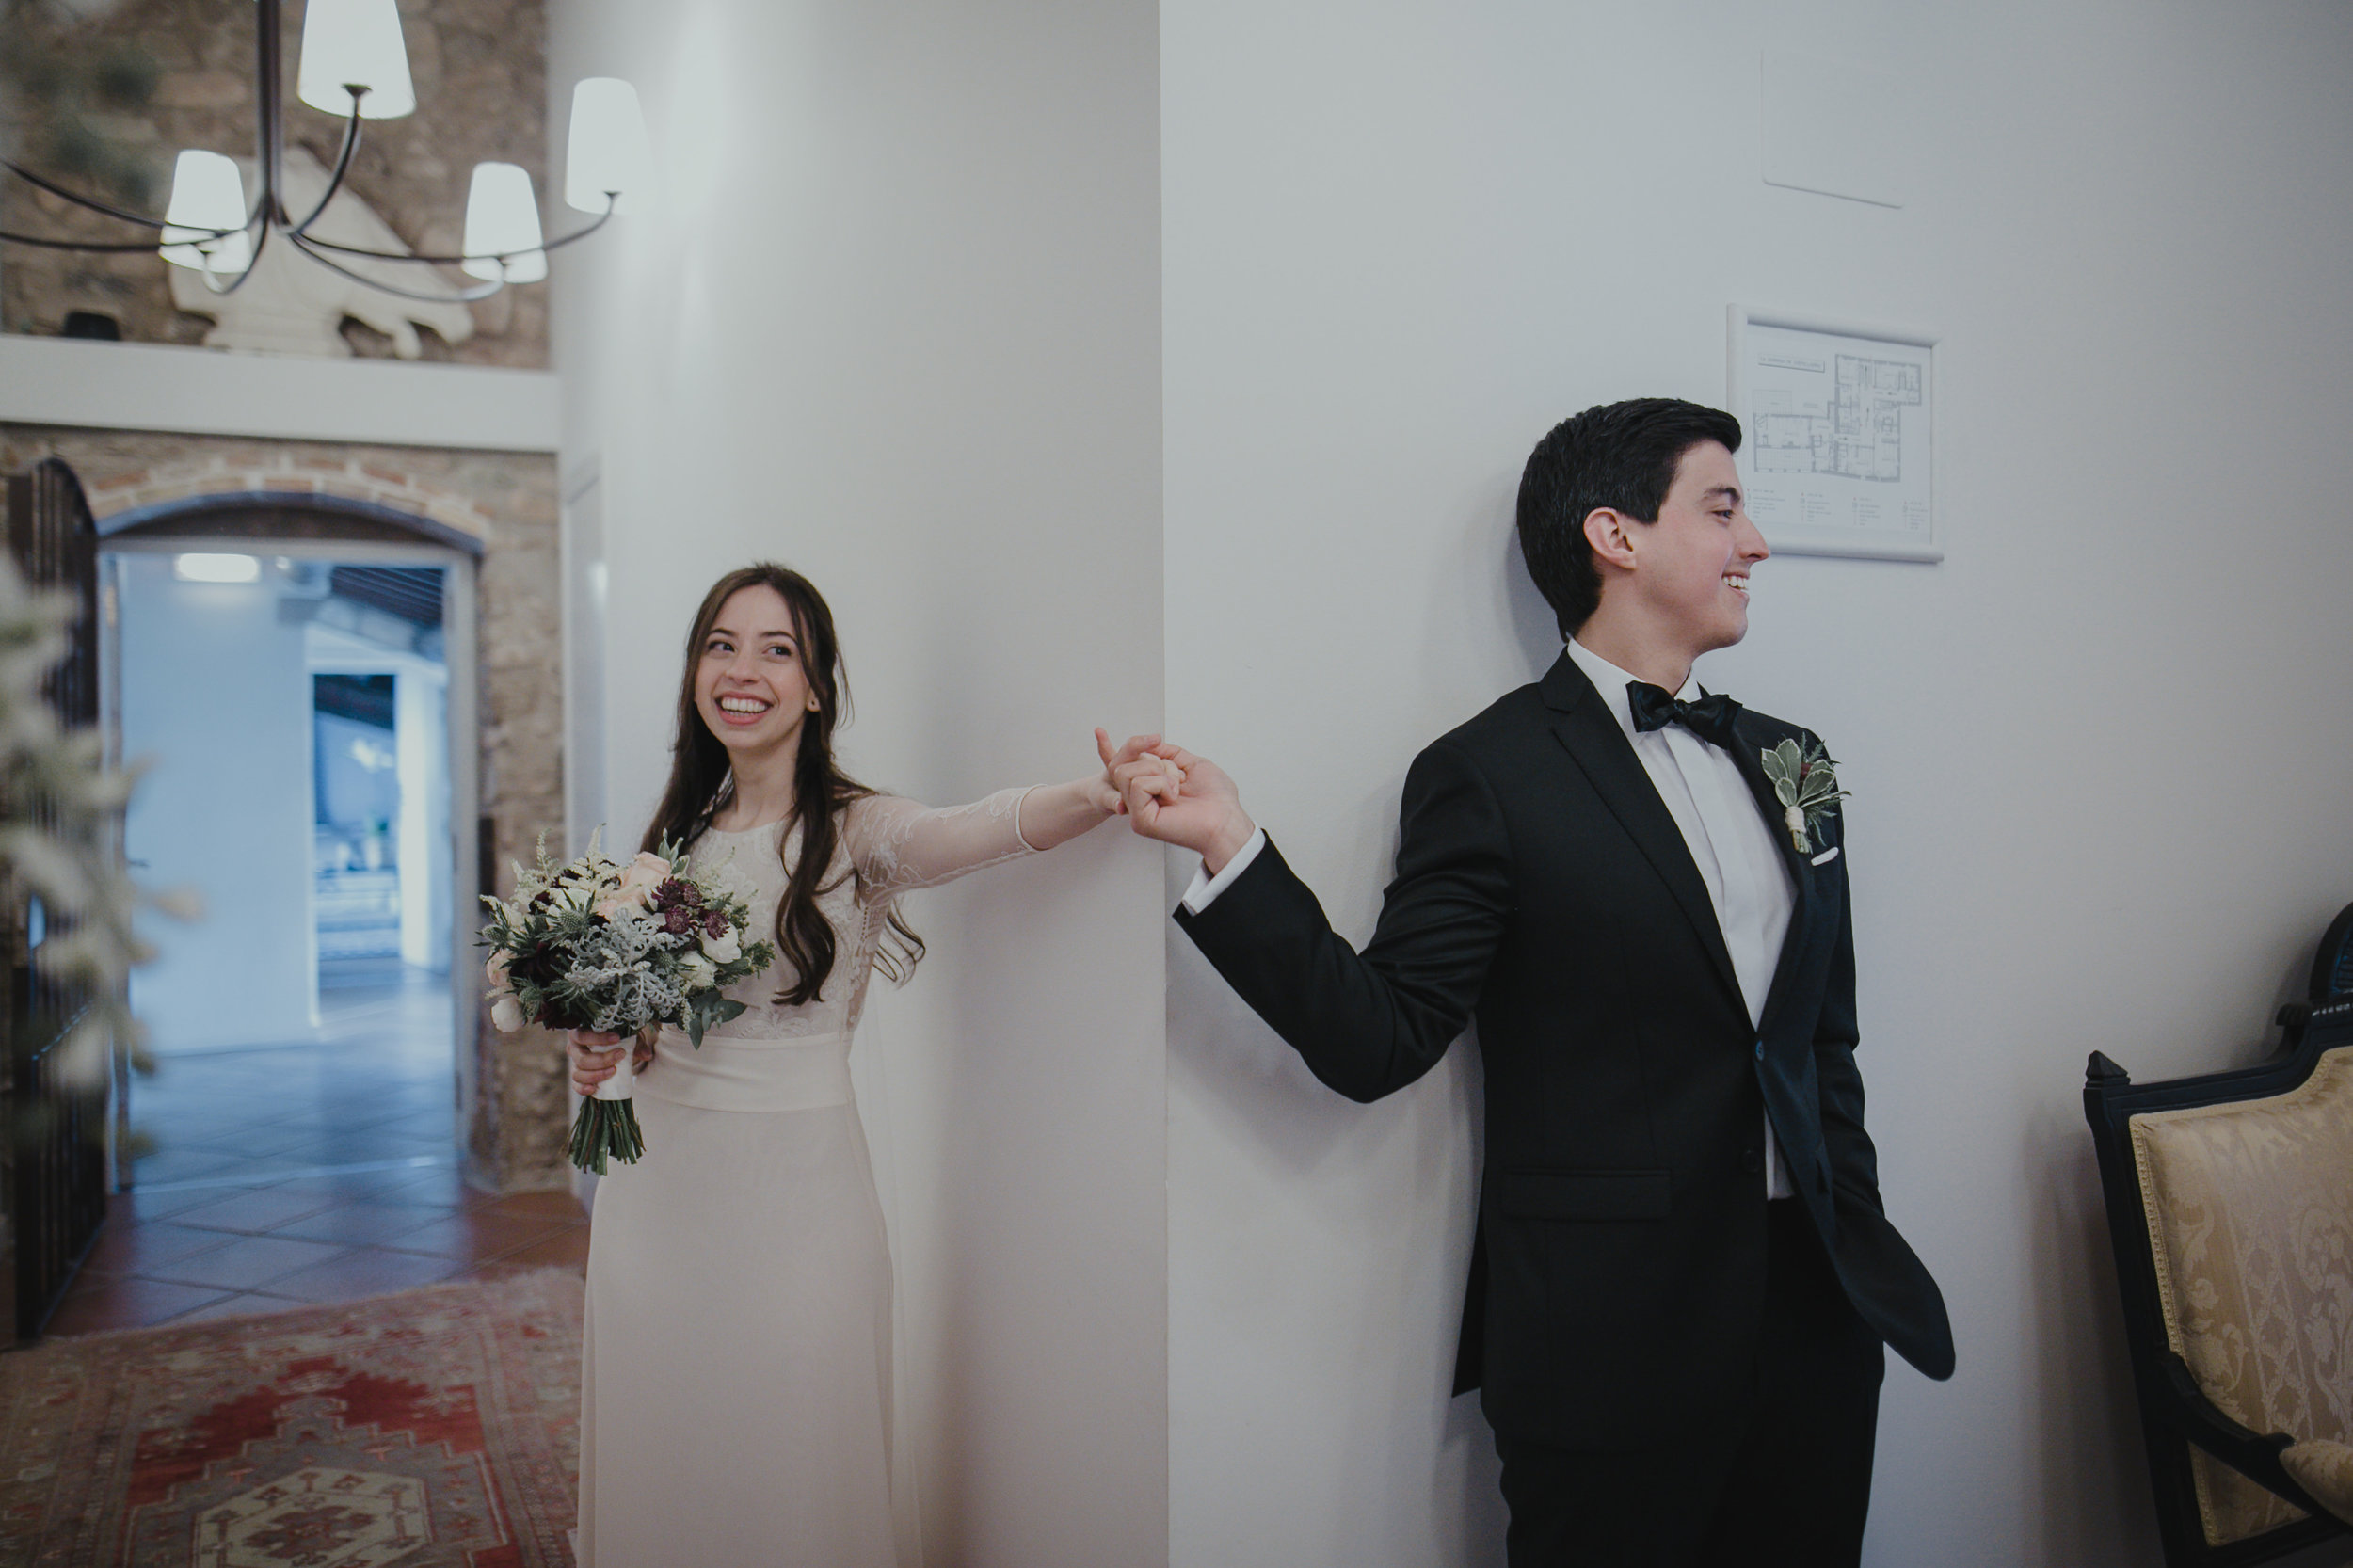 Fotografo de bodas españa serafin castillo wedding photographer spain 083.jpg